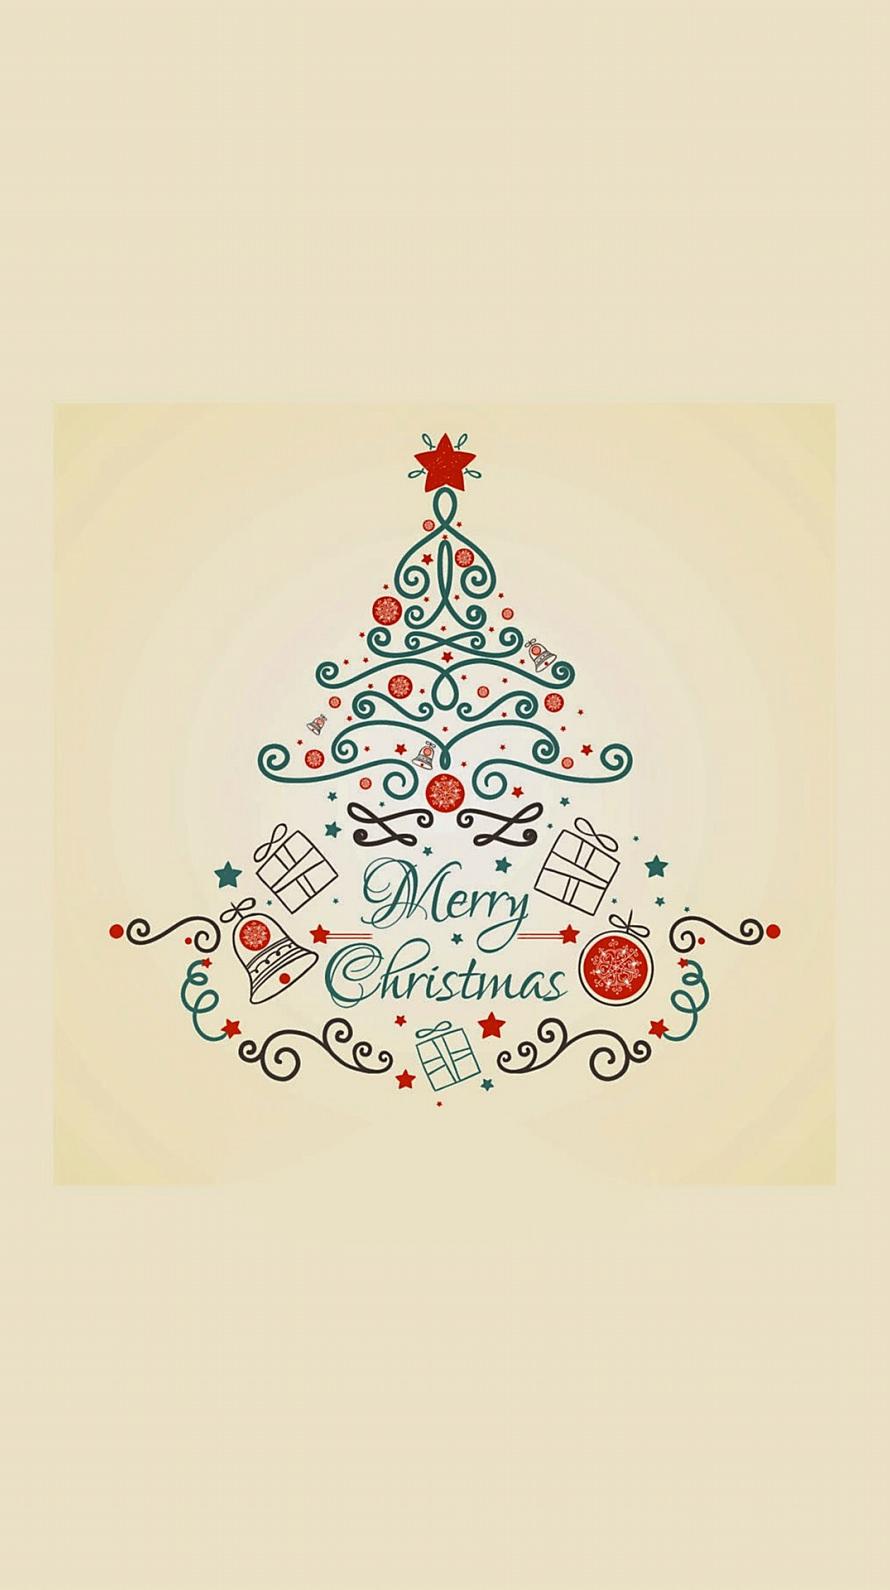 メリークリスマス Iphone6壁紙 Wallpaperbox